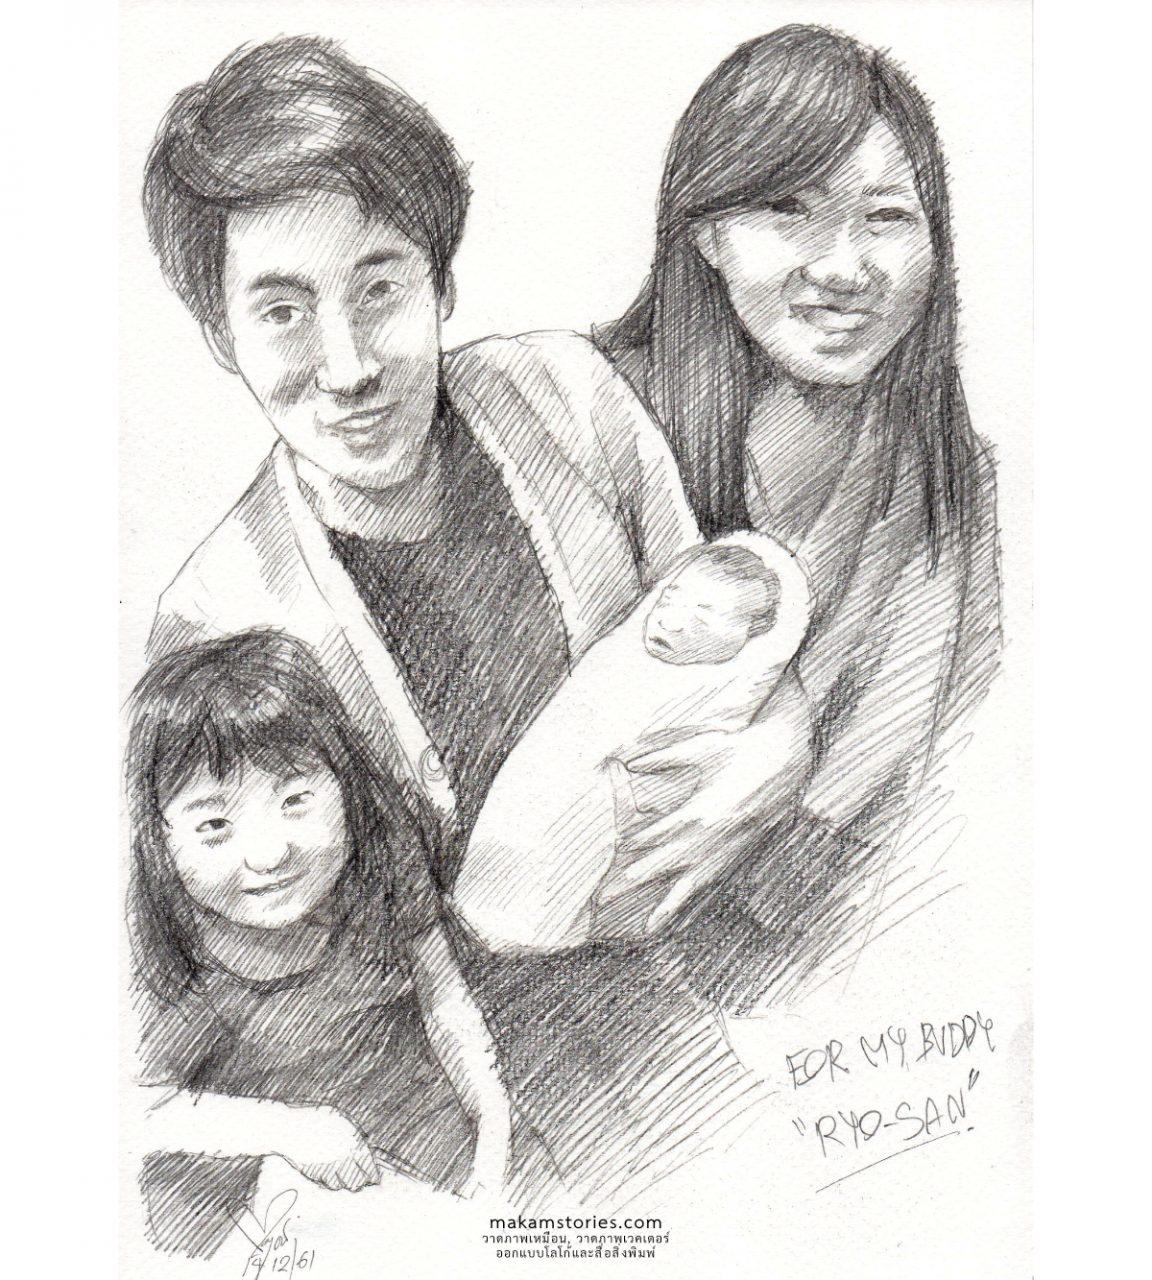 ภาพวาดลายเส้นดินสอ ภาพวาครอบครัว Family Drawing Pencil